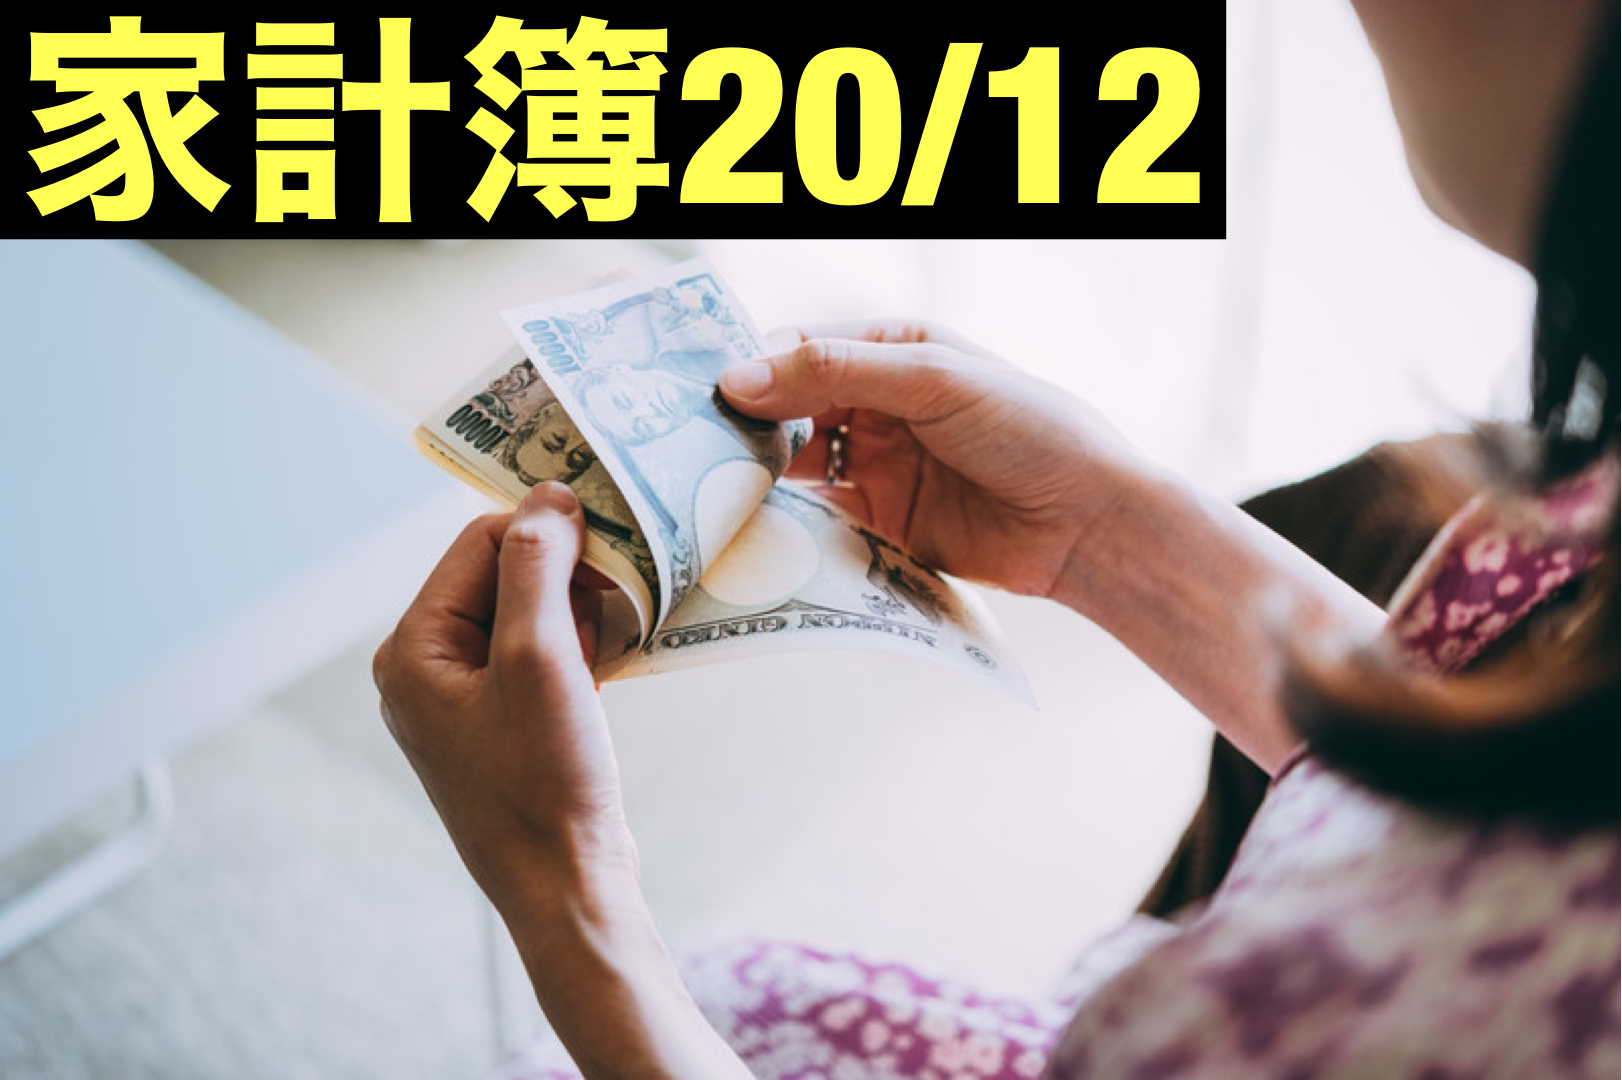 【30代】家計簿公開・20年12月【1人暮らし】